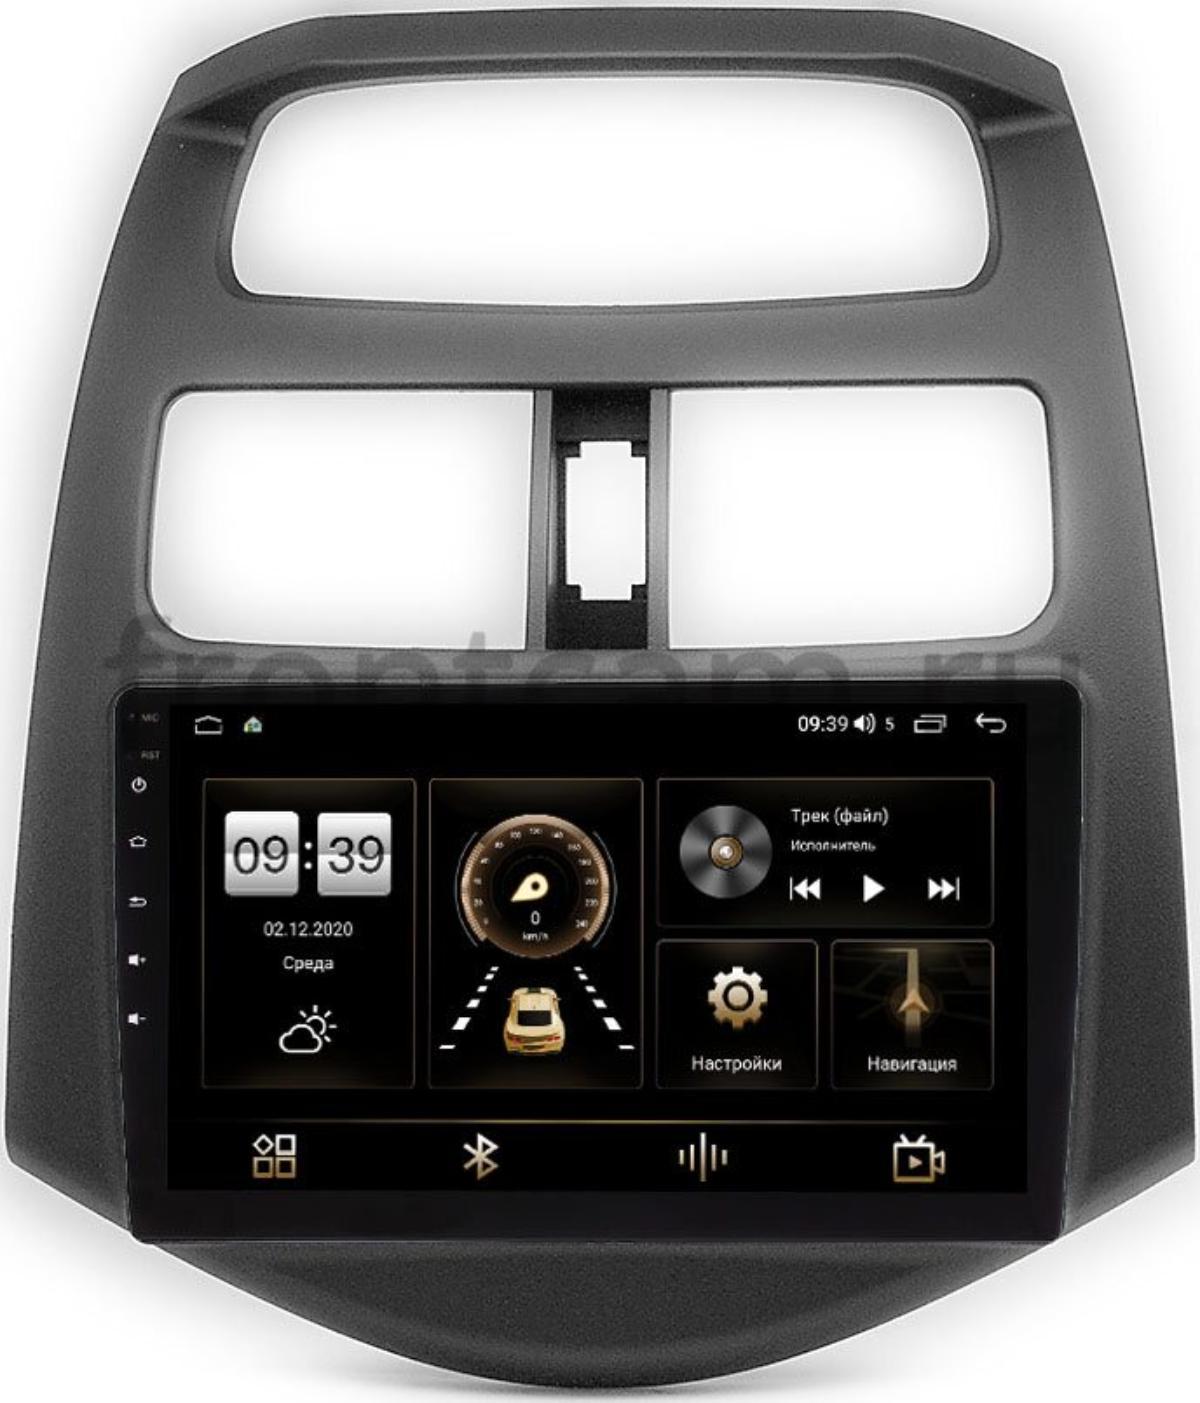 Штатная магнитола Chevrolet Spark III 2009-2016 (матовая) LeTrun 4196-9-180 на Android 10 (6/128, DSP, QLed) С оптическим выходом (+ Камера заднего вида в подарок!)